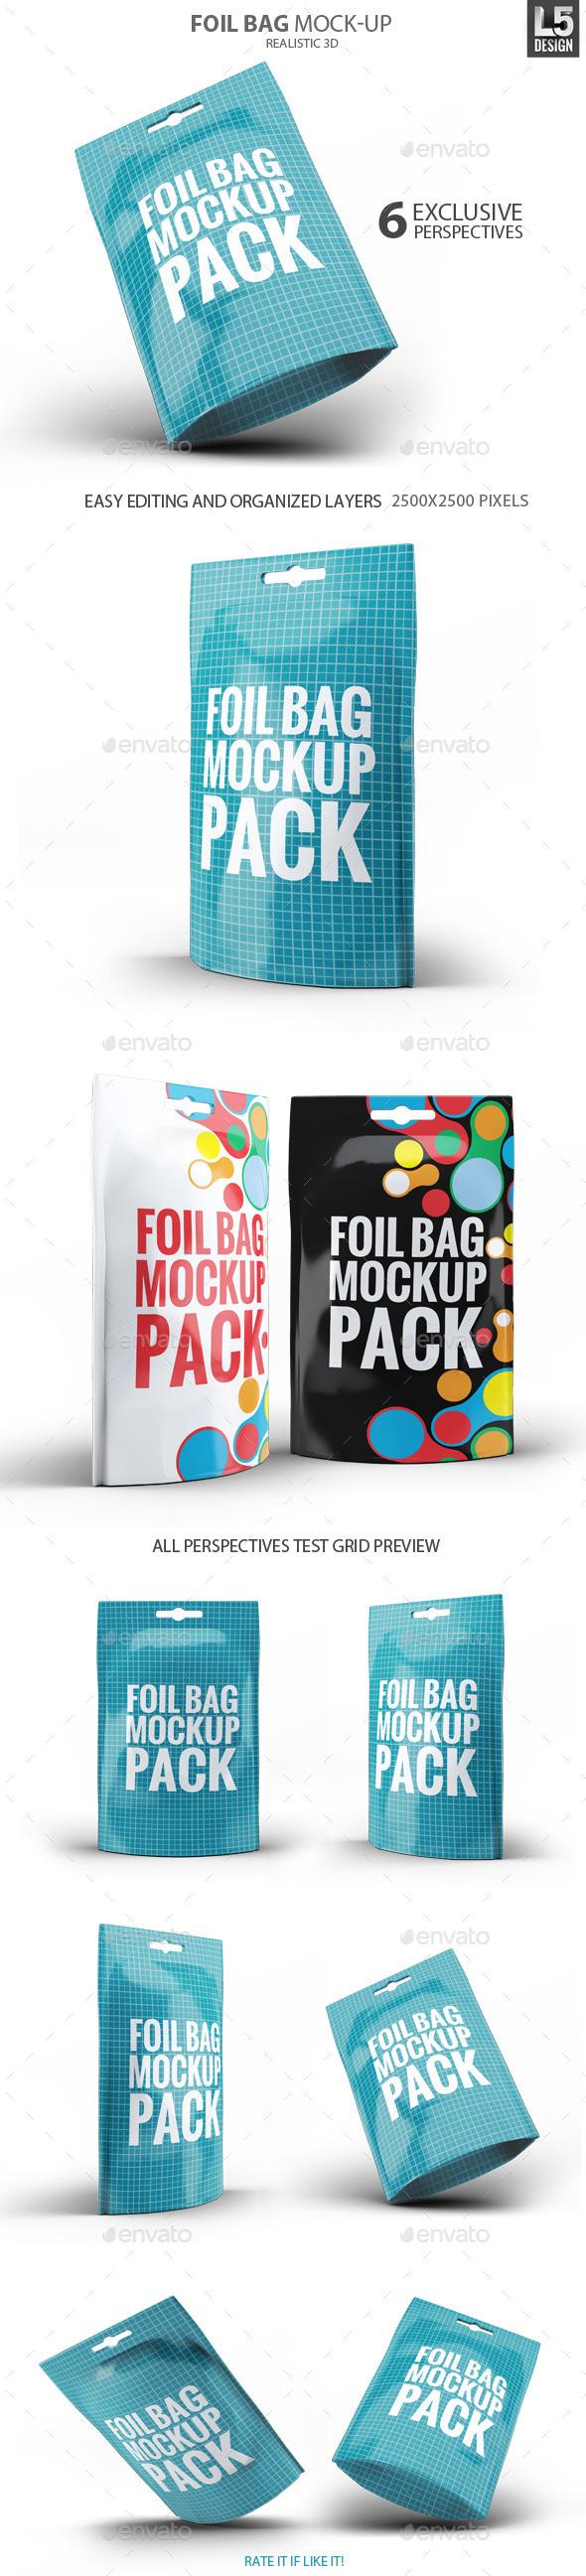 Foil Bag Pack Mock-up - Food and Drink Packaging